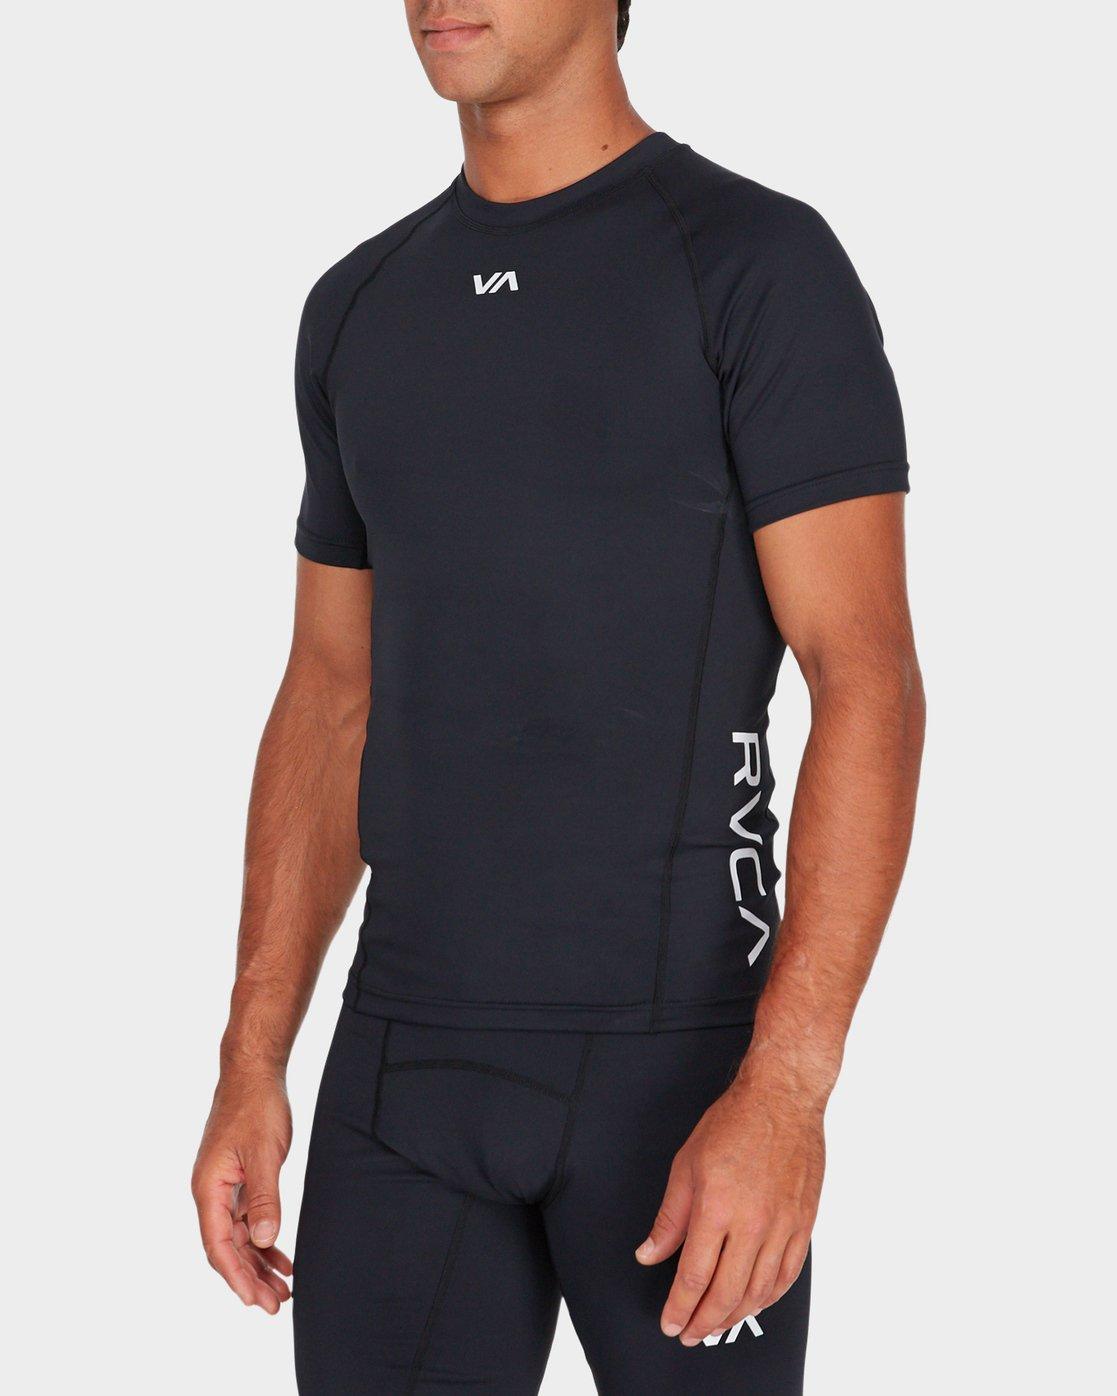 1 Va Compression Short Sleeve T-Shirt Black R381048 RVCA